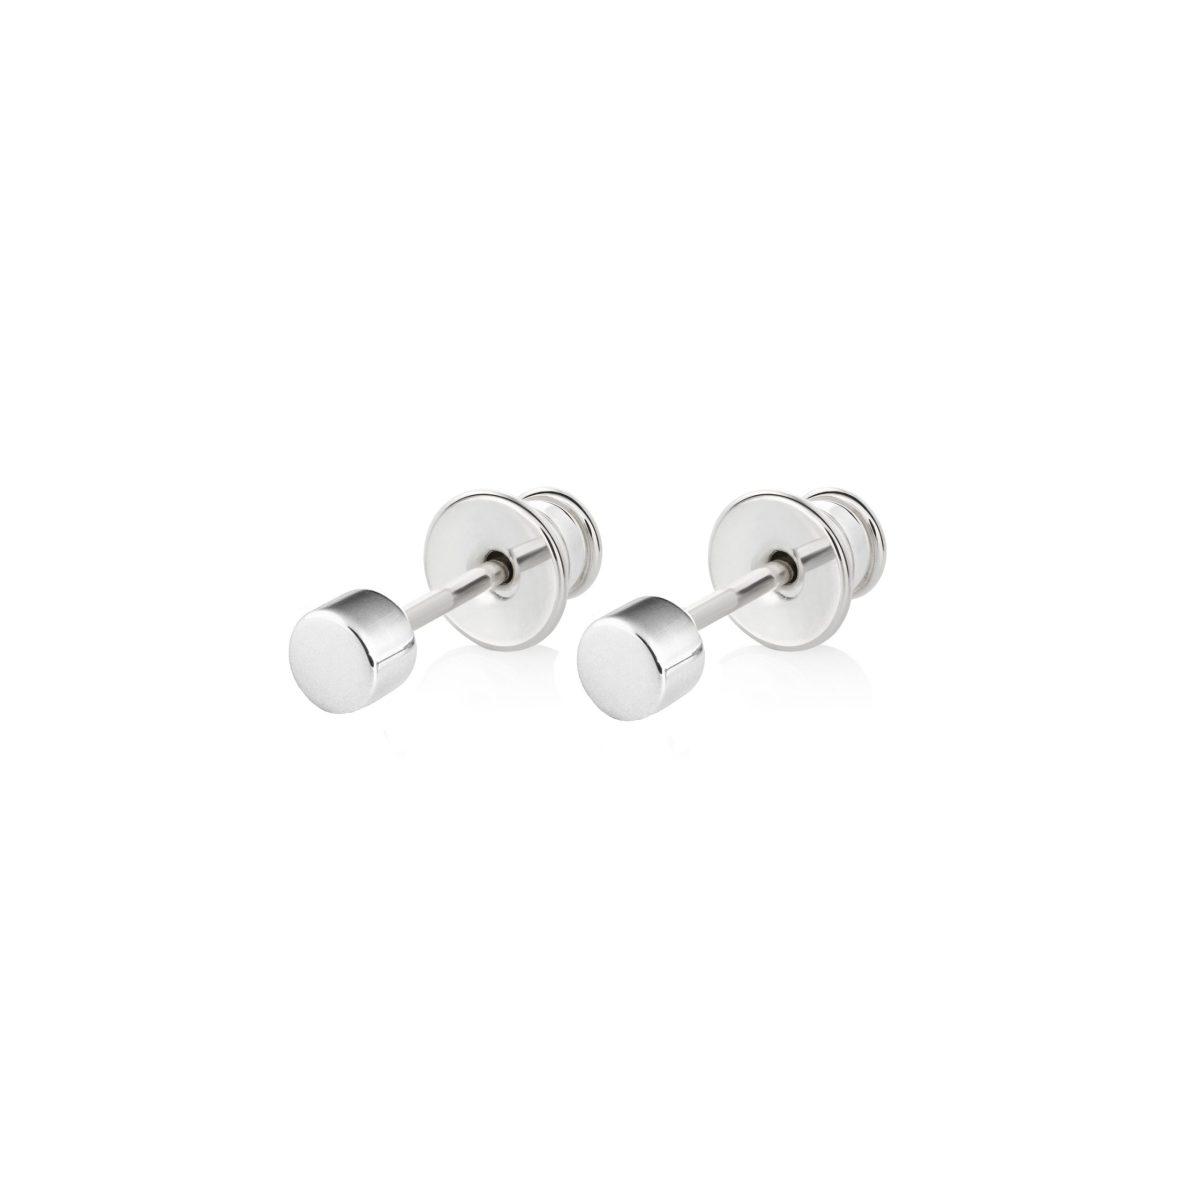 Samojauskaite_Regular Dot Earrings Silver